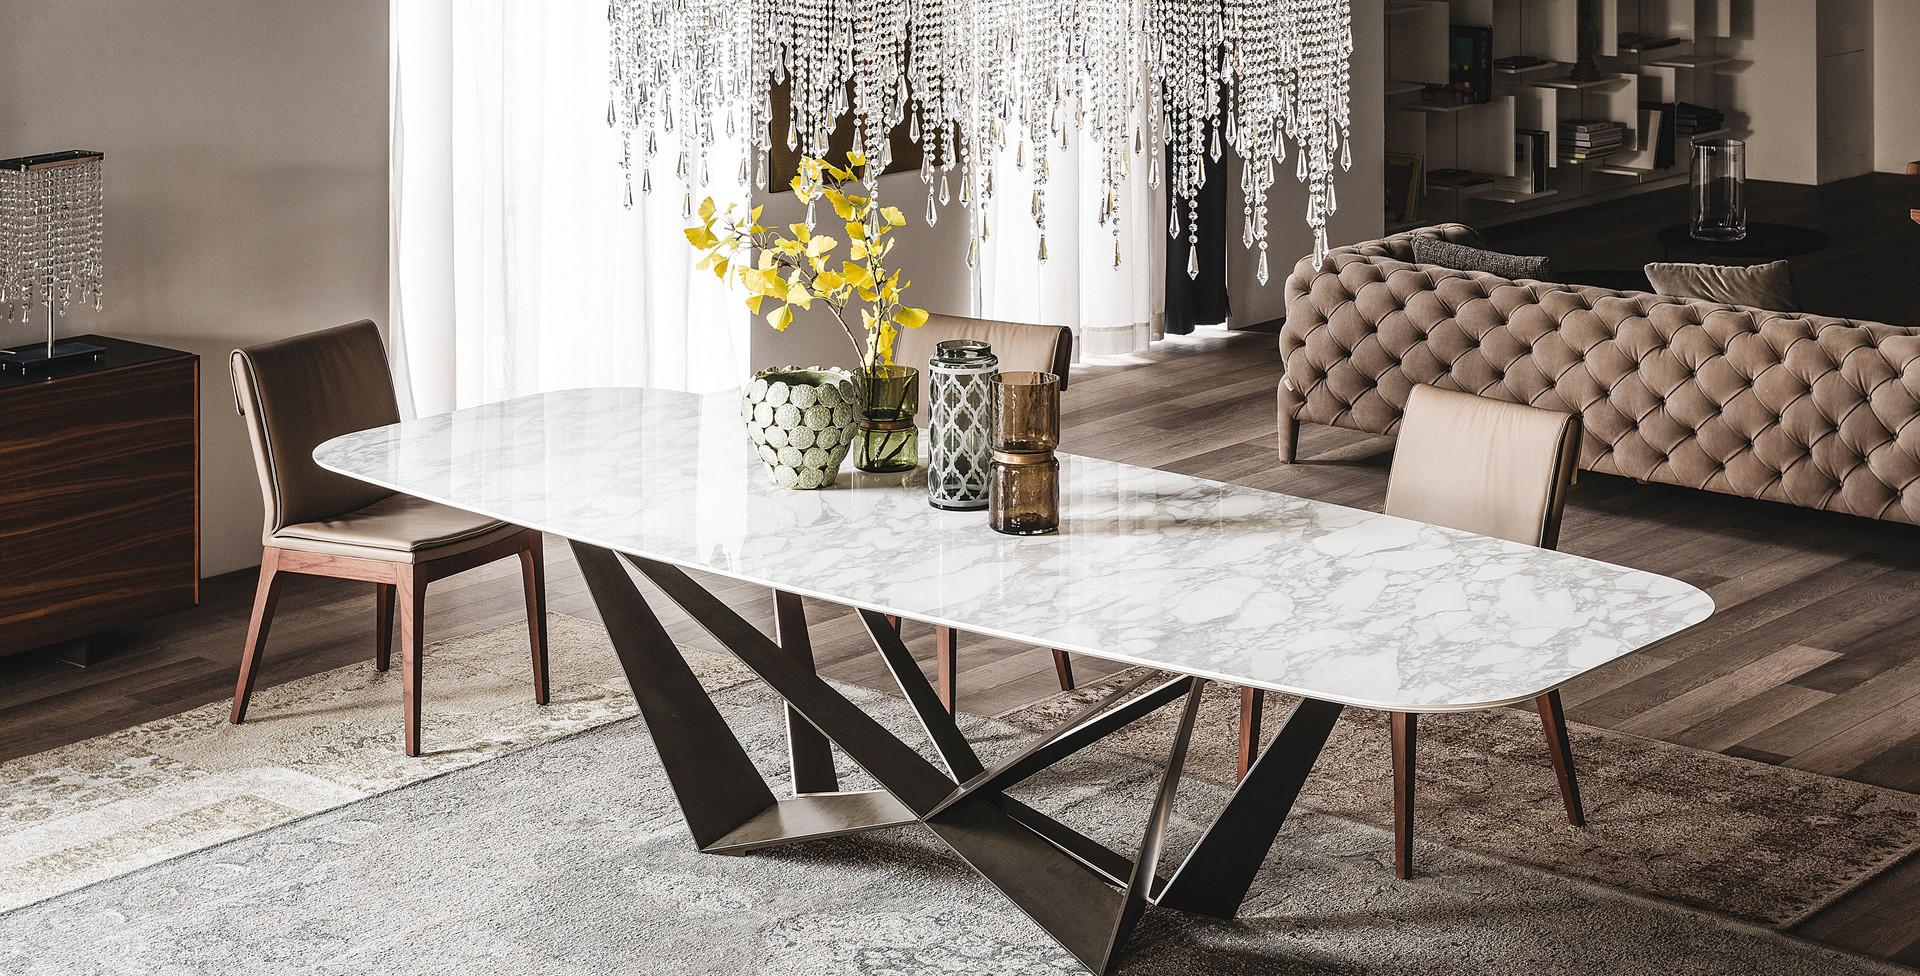 Skorpio Keramik Table Pic12